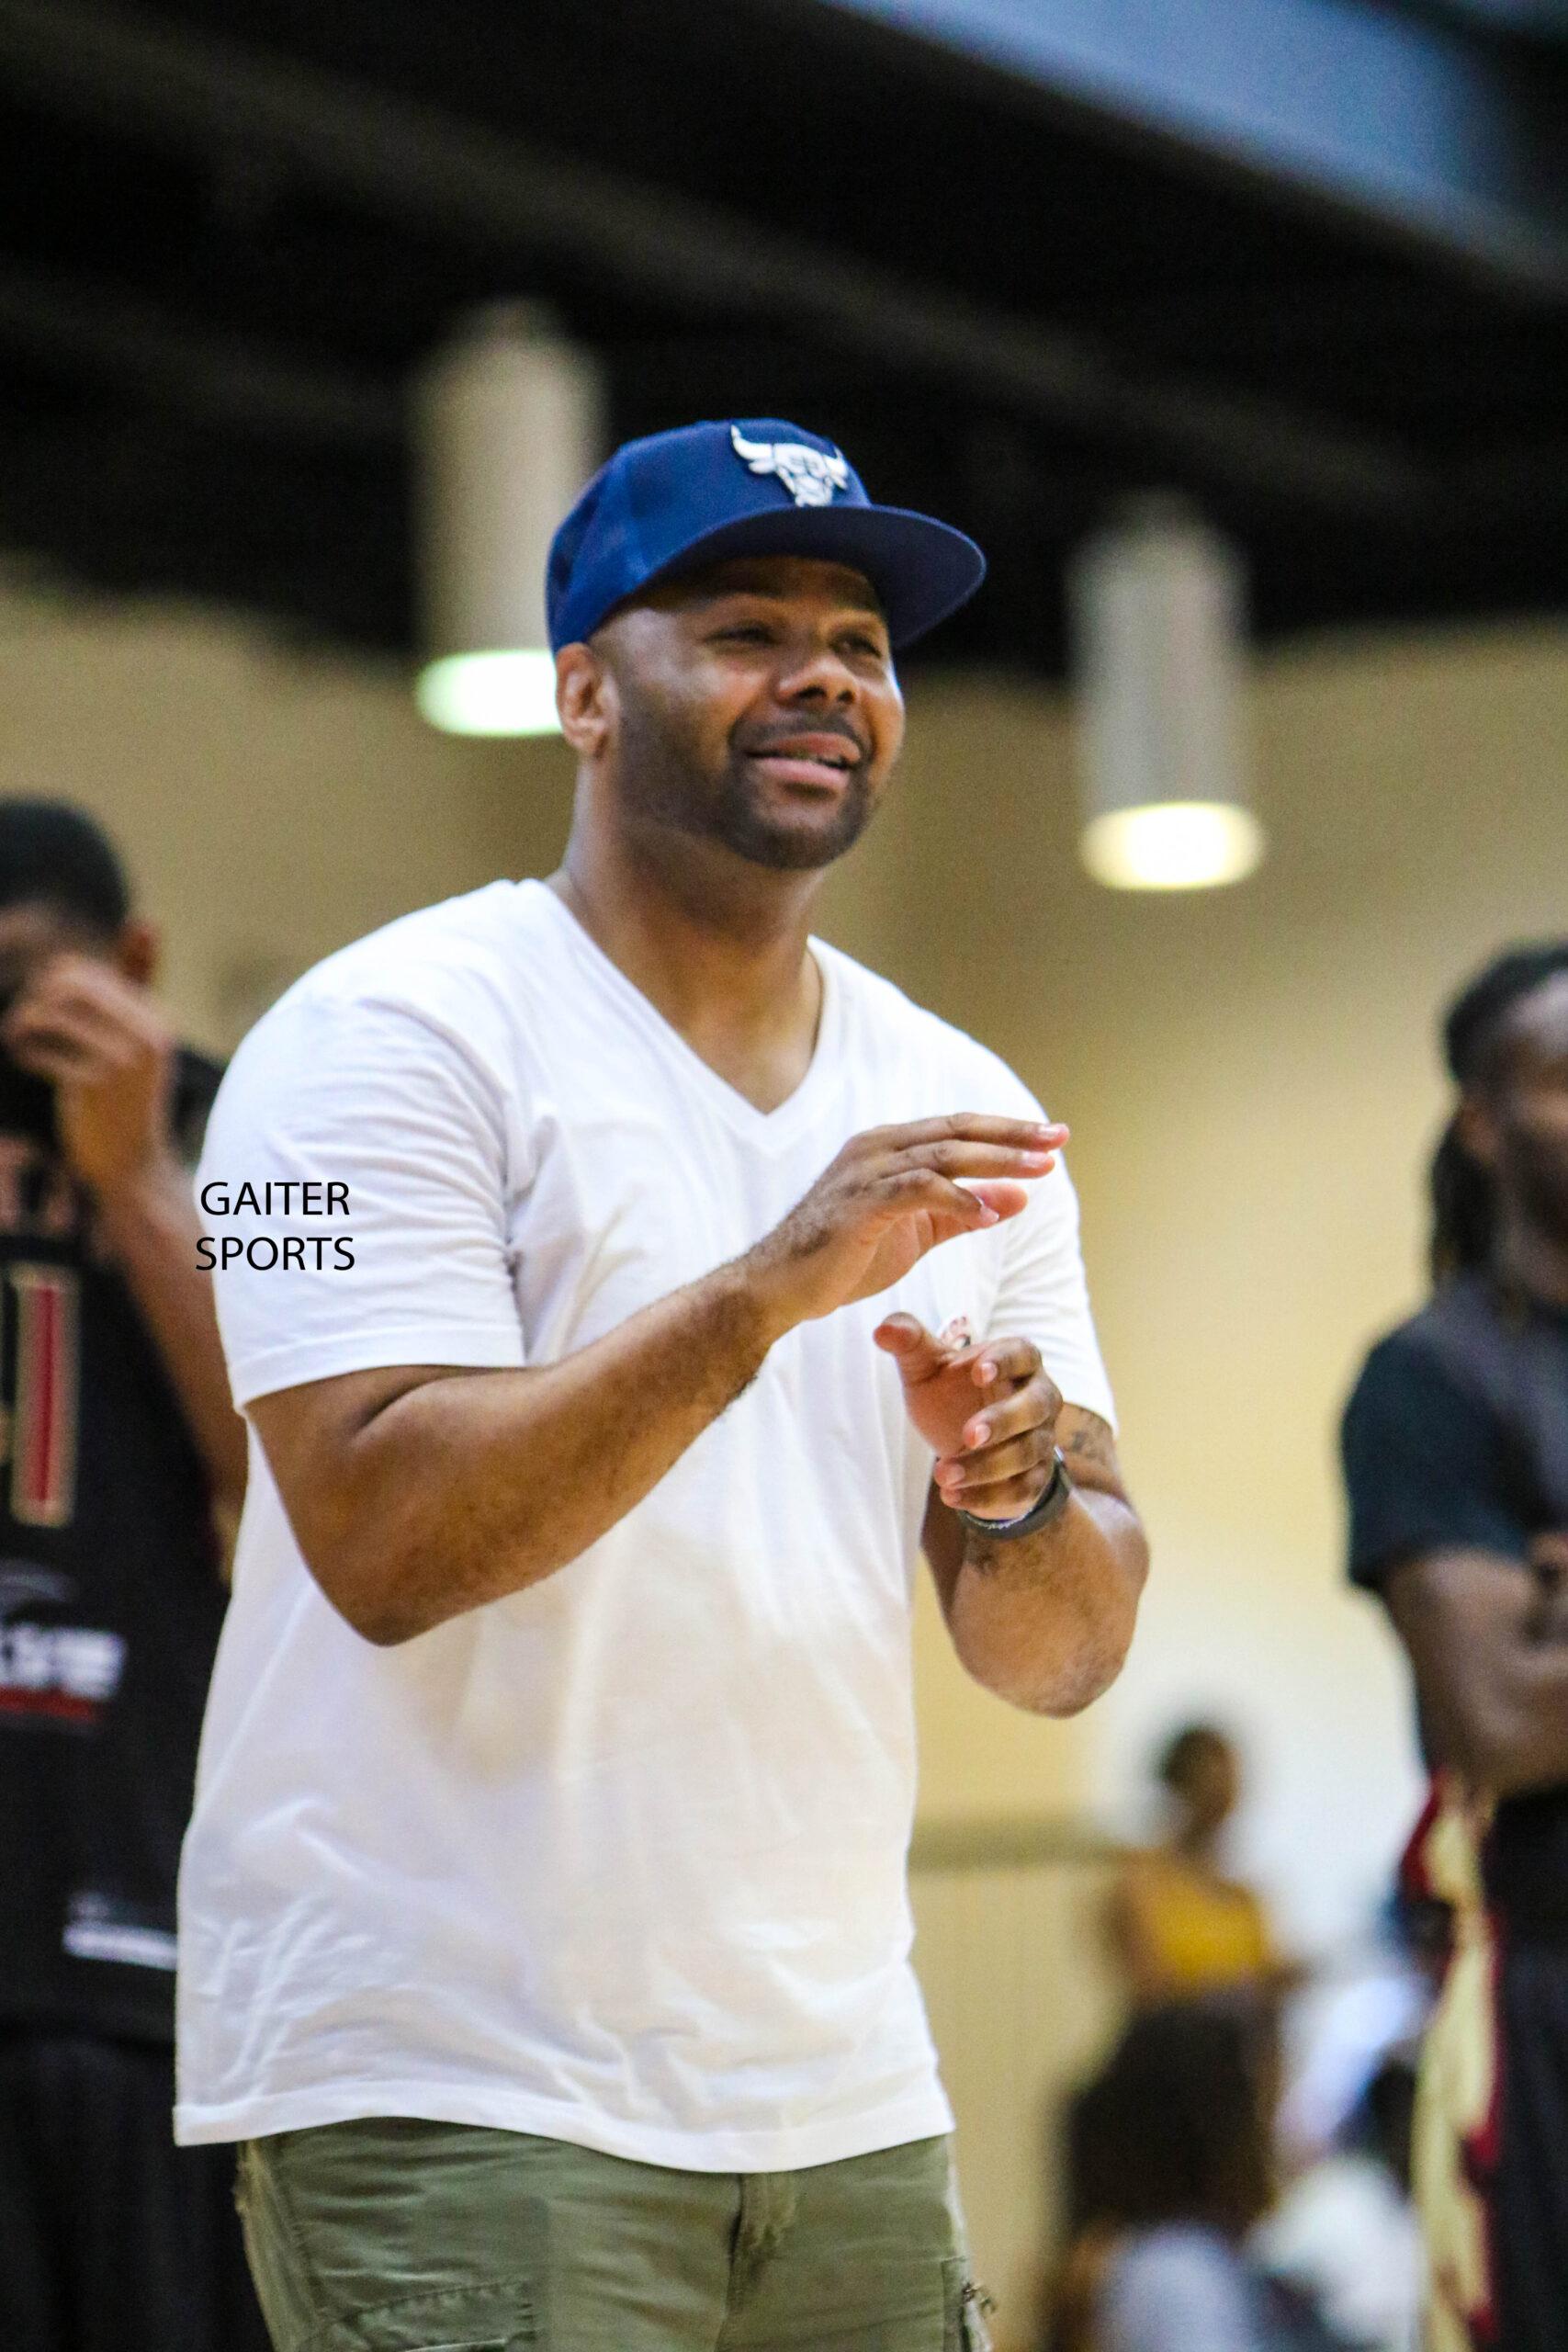 2019 Celebrity Basketball Game Georgia Spartans 7 whoisgotti